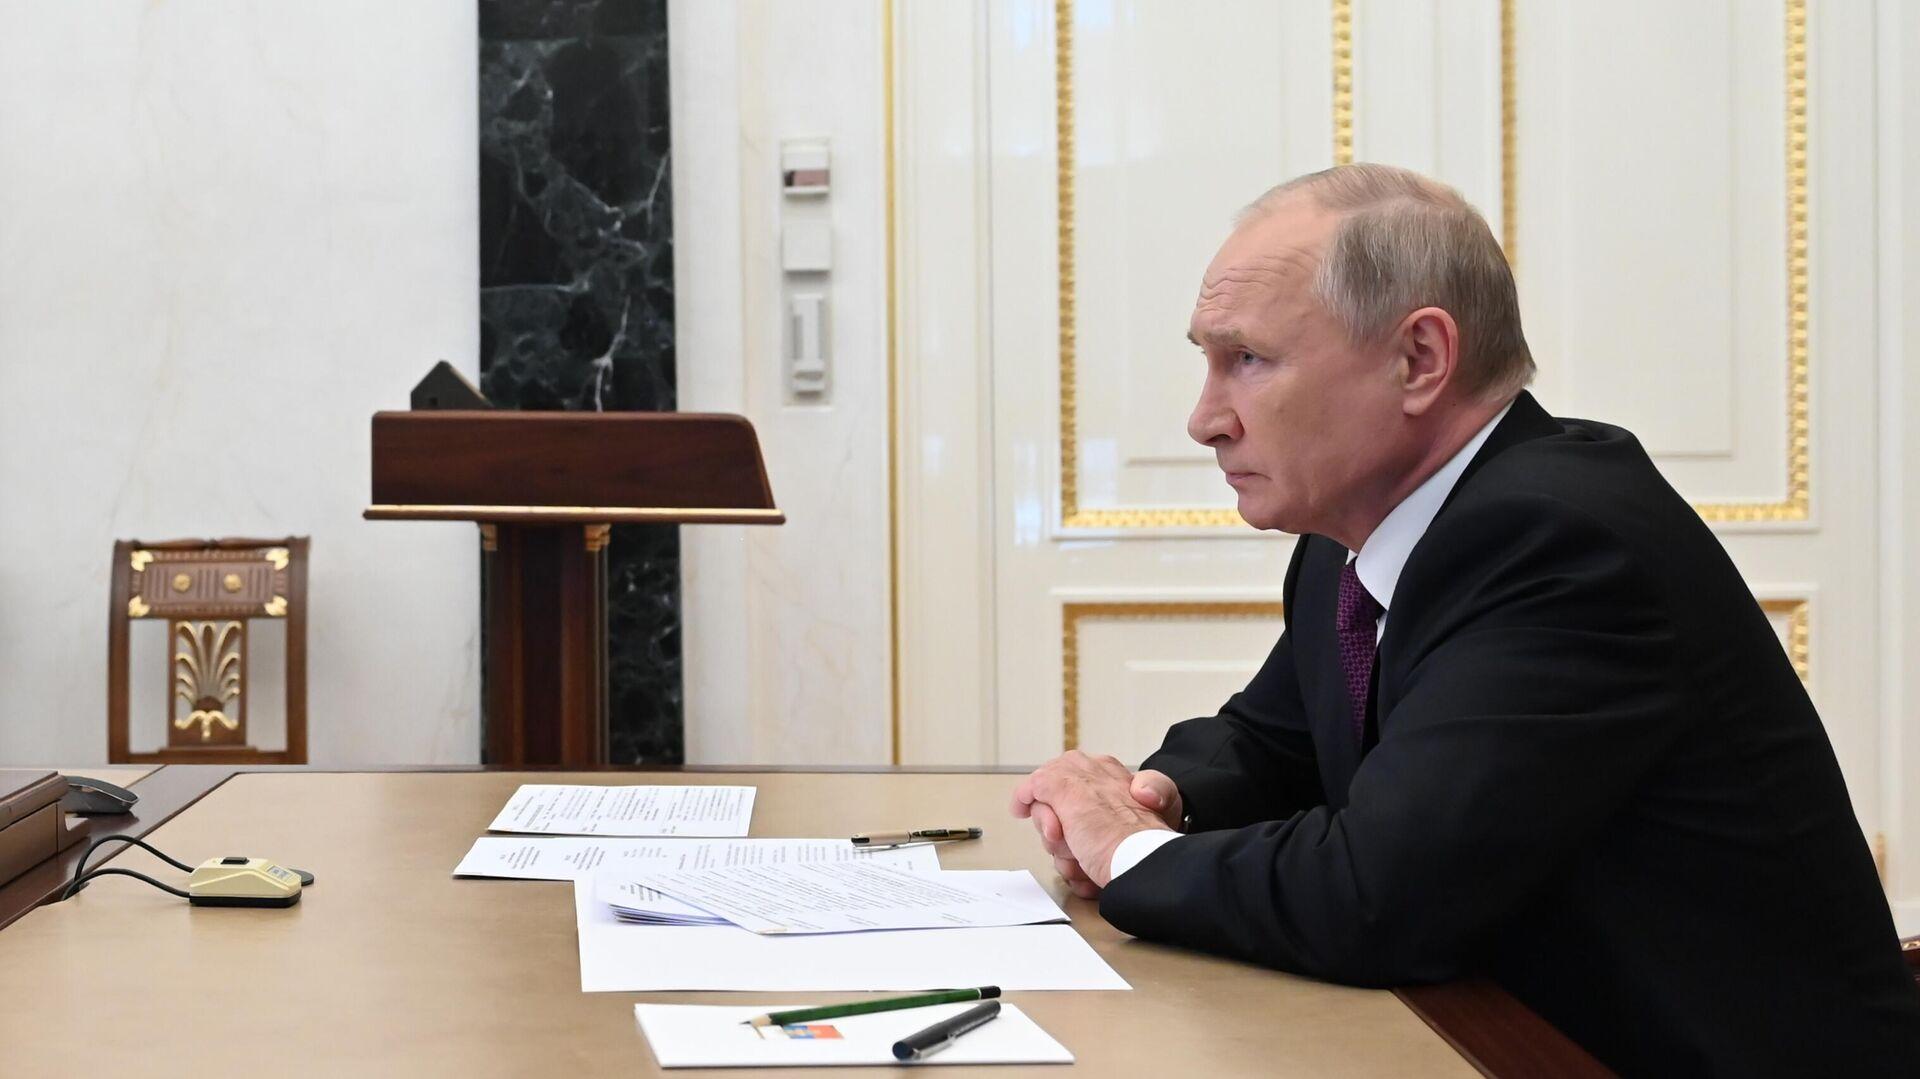 Мезенцев рассказал о работе над союзными программами России и Белоруссии